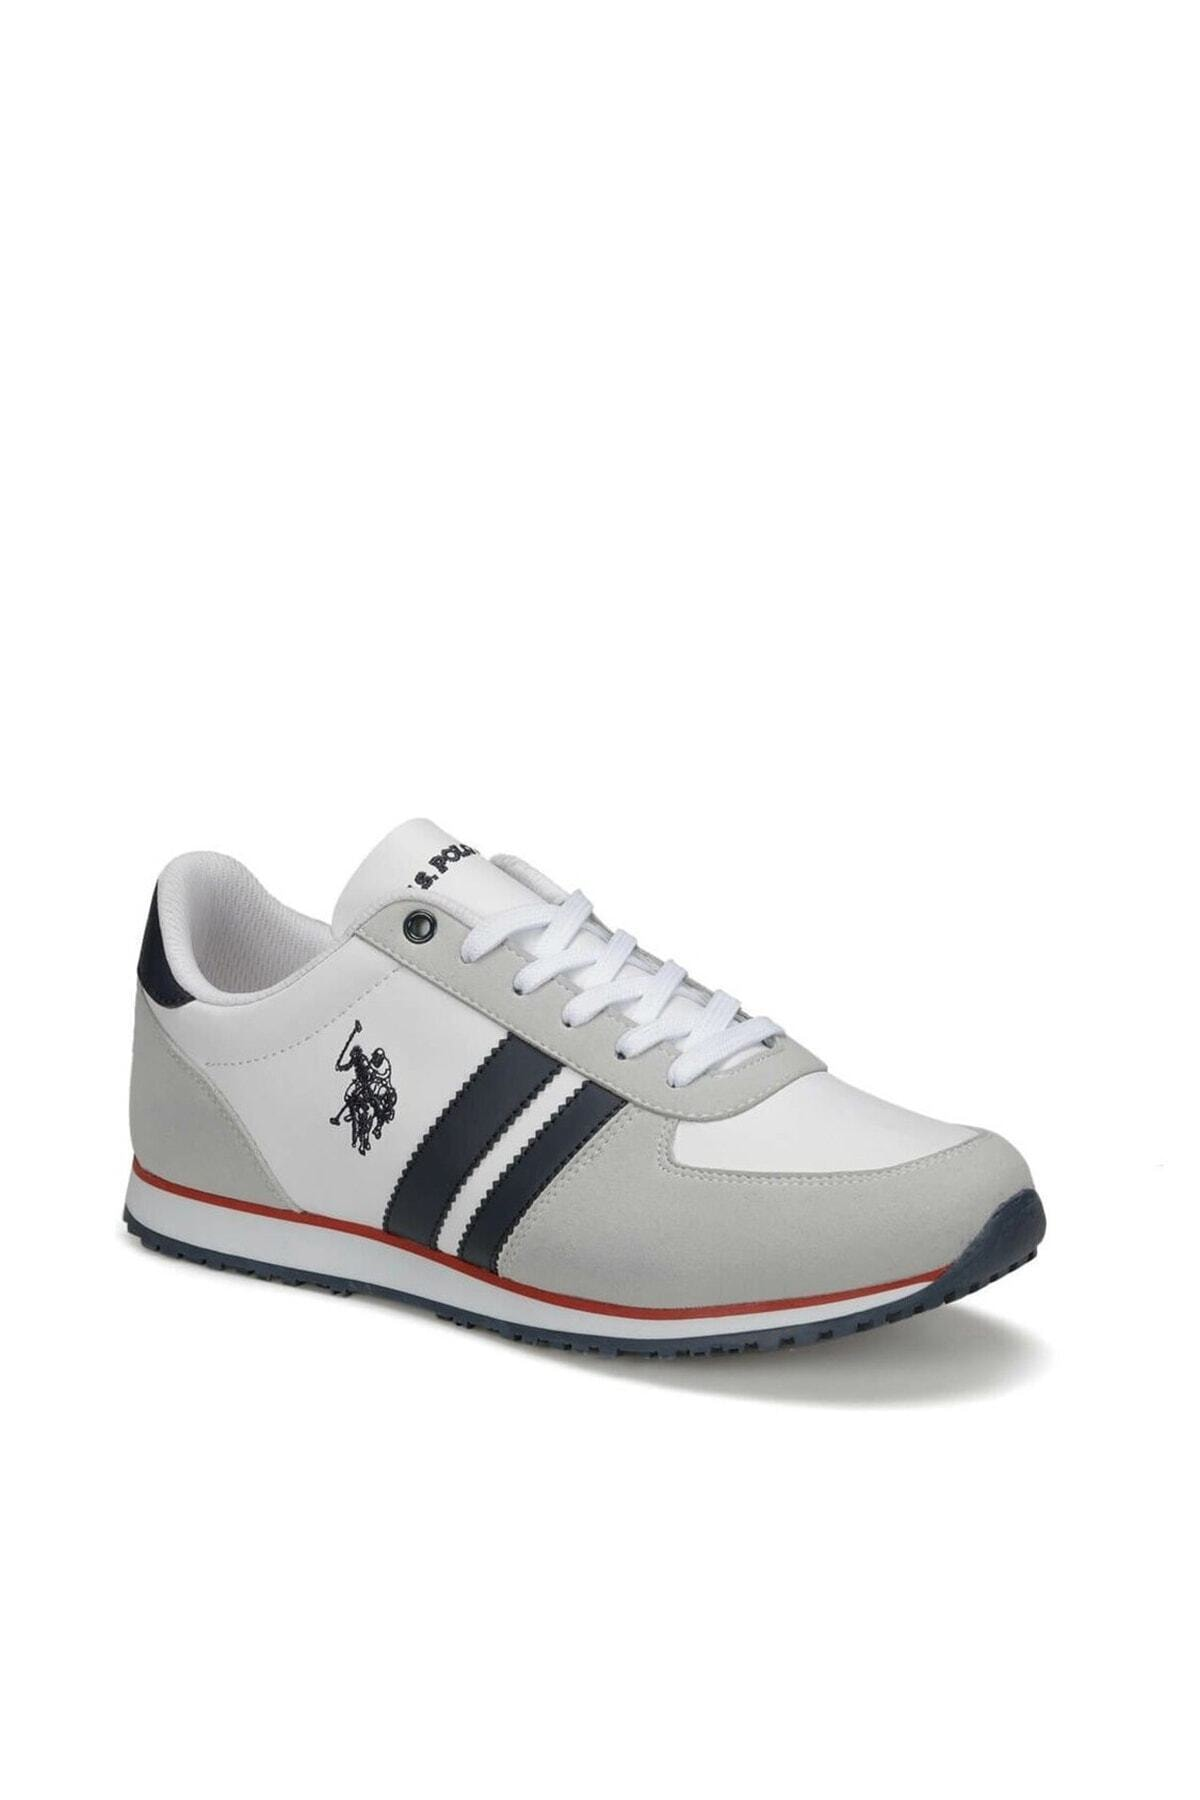 U.S. Polo Assn. PLUS WT 9PR Beyaz Erkek Sneaker Ayakkabı 100418097 2